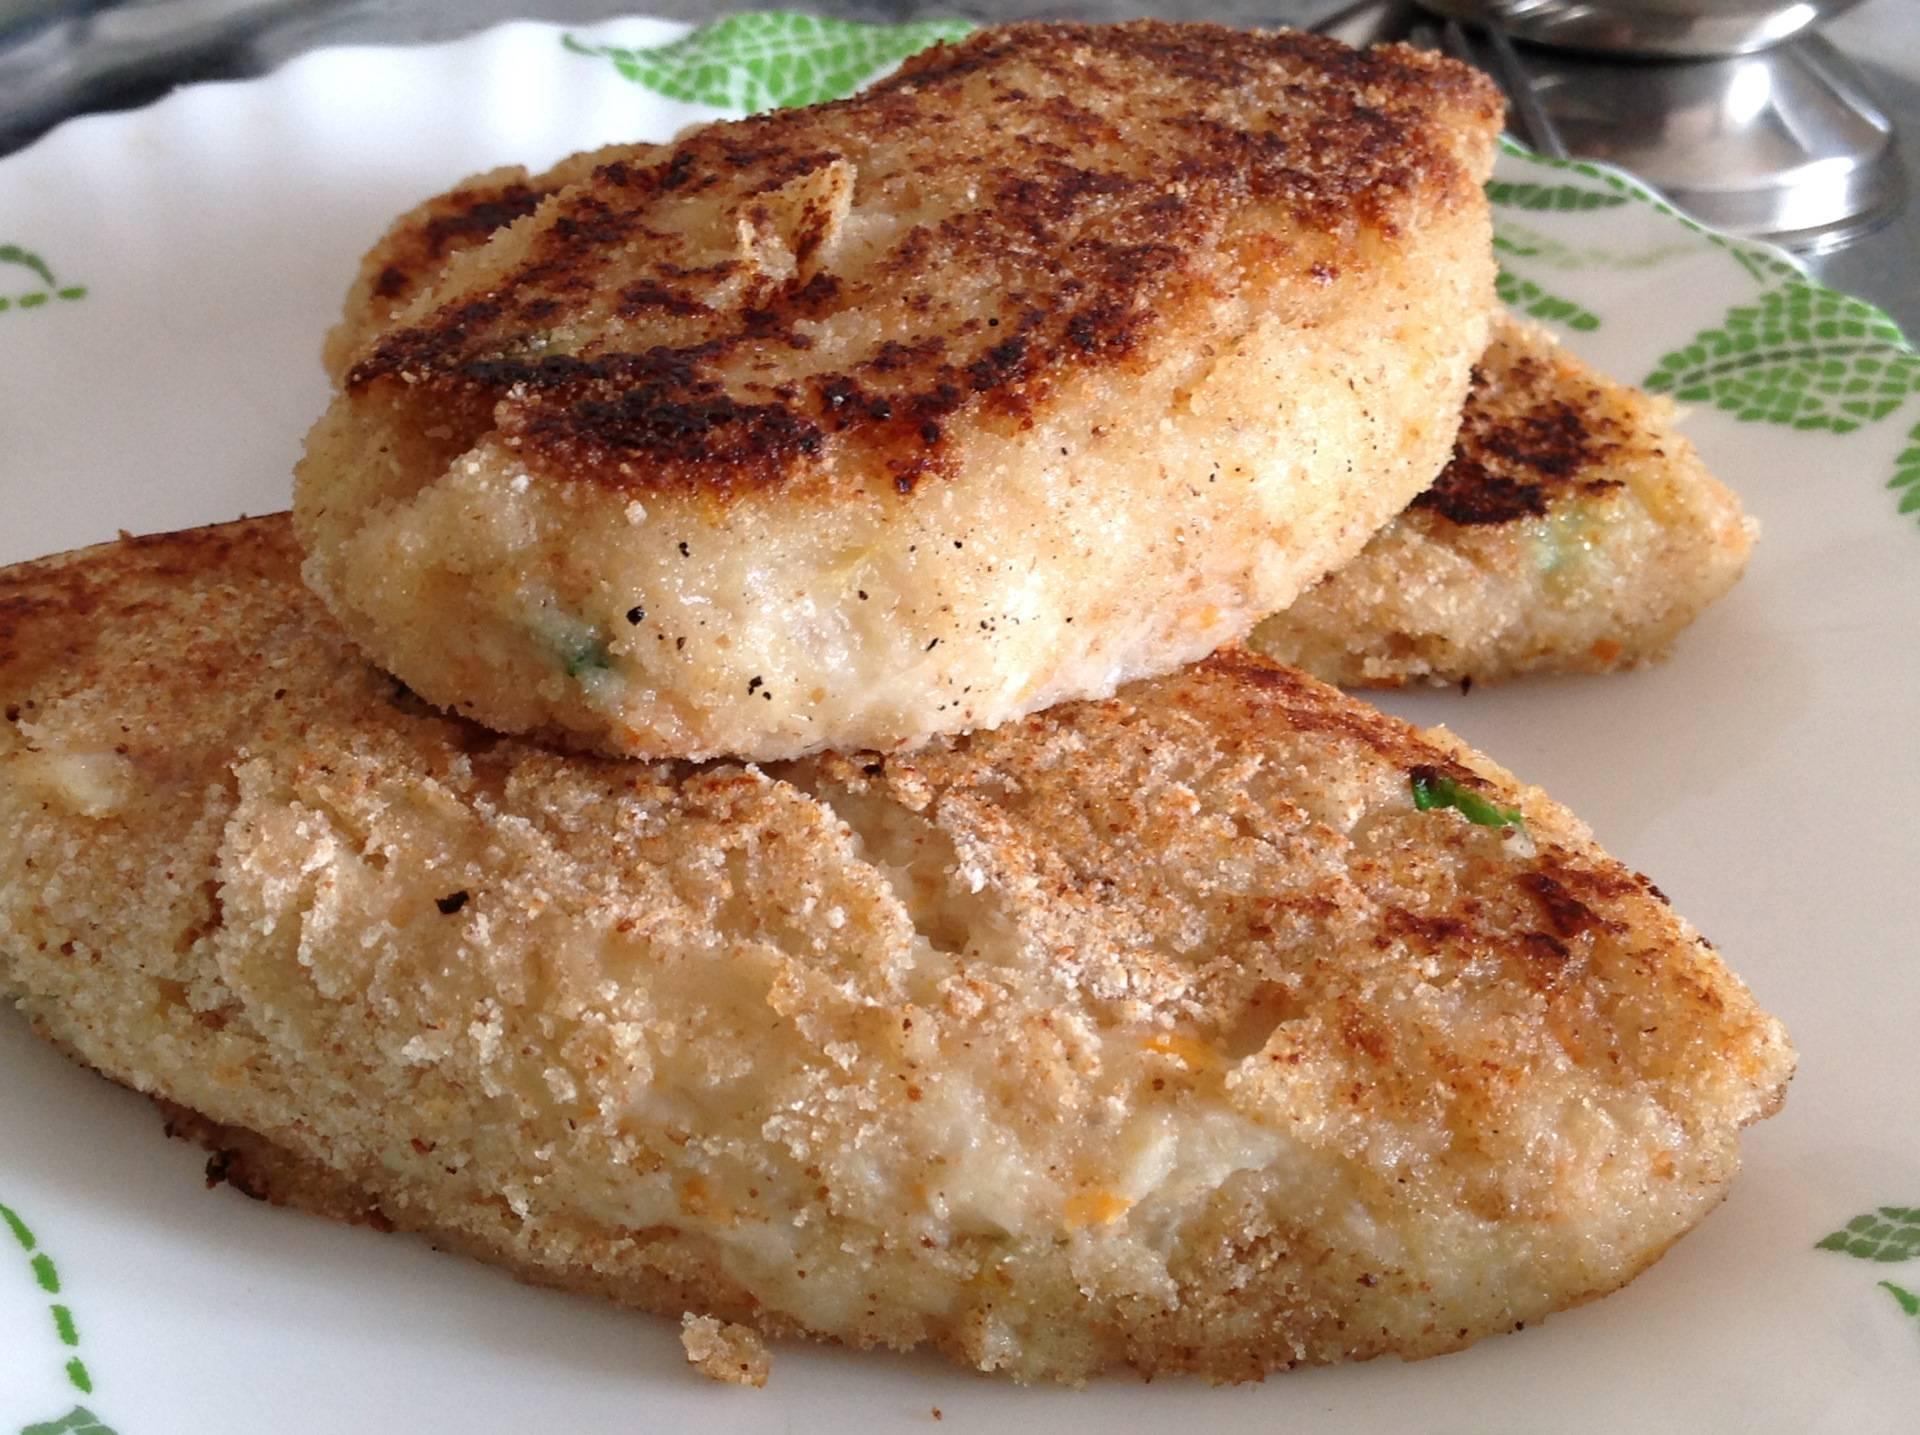 Диетические котлеты: как приготовить, можно ли есть при похудении, как сделать котлетки из фарша для диеты, рецепты для худеющих | customs.news